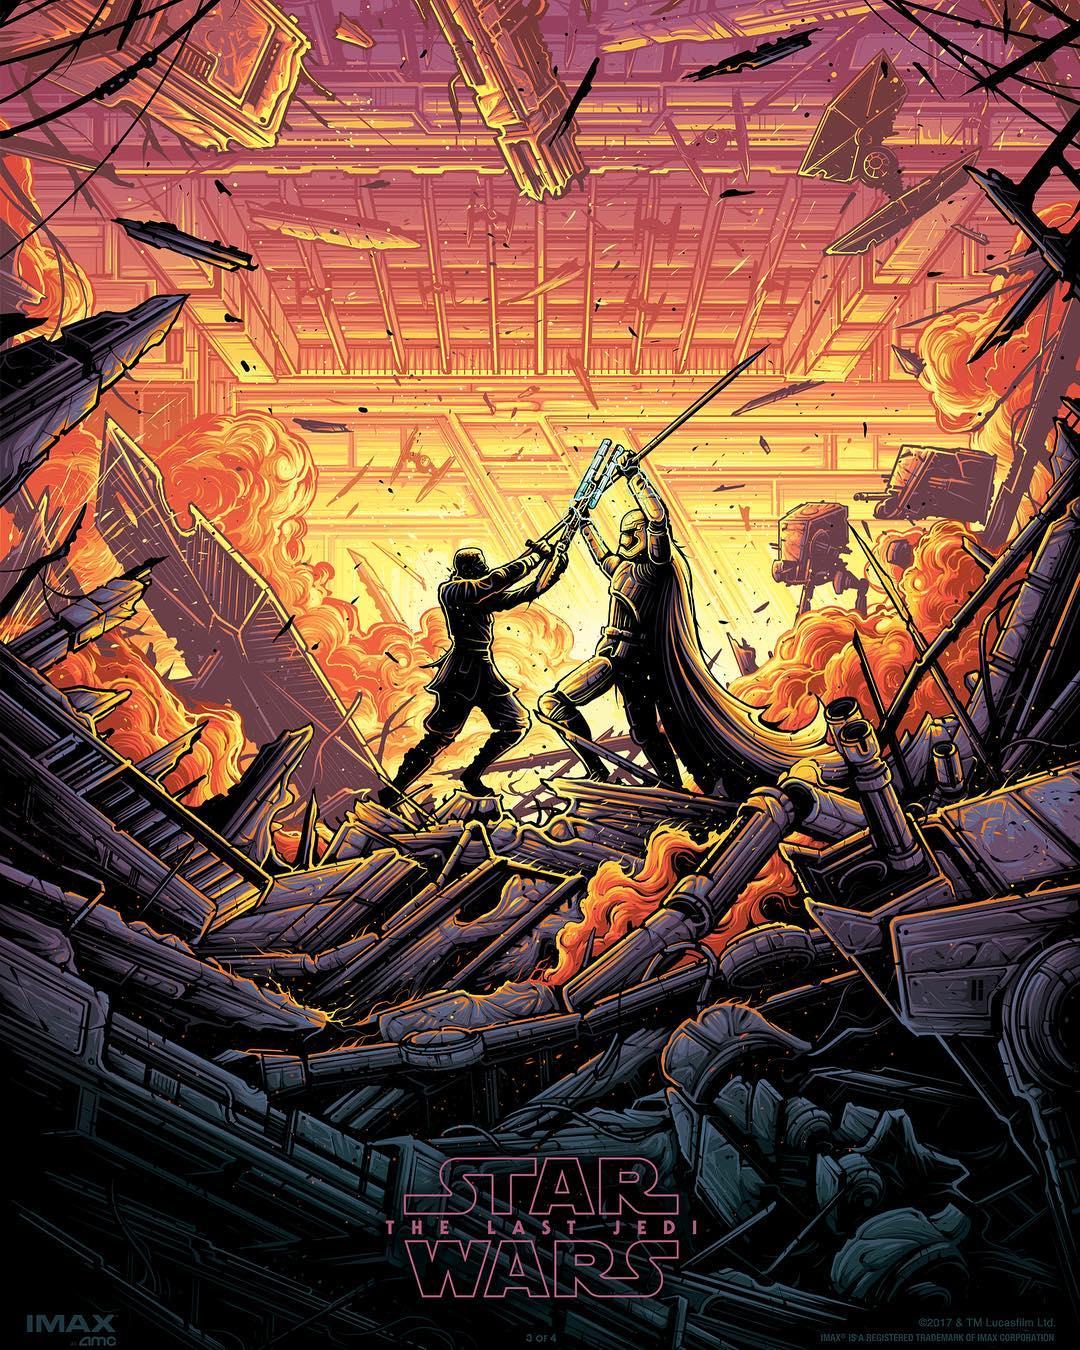 Star Wars The Last Jedi AMC Theaters IMAX Print 3 By Dan Mumford